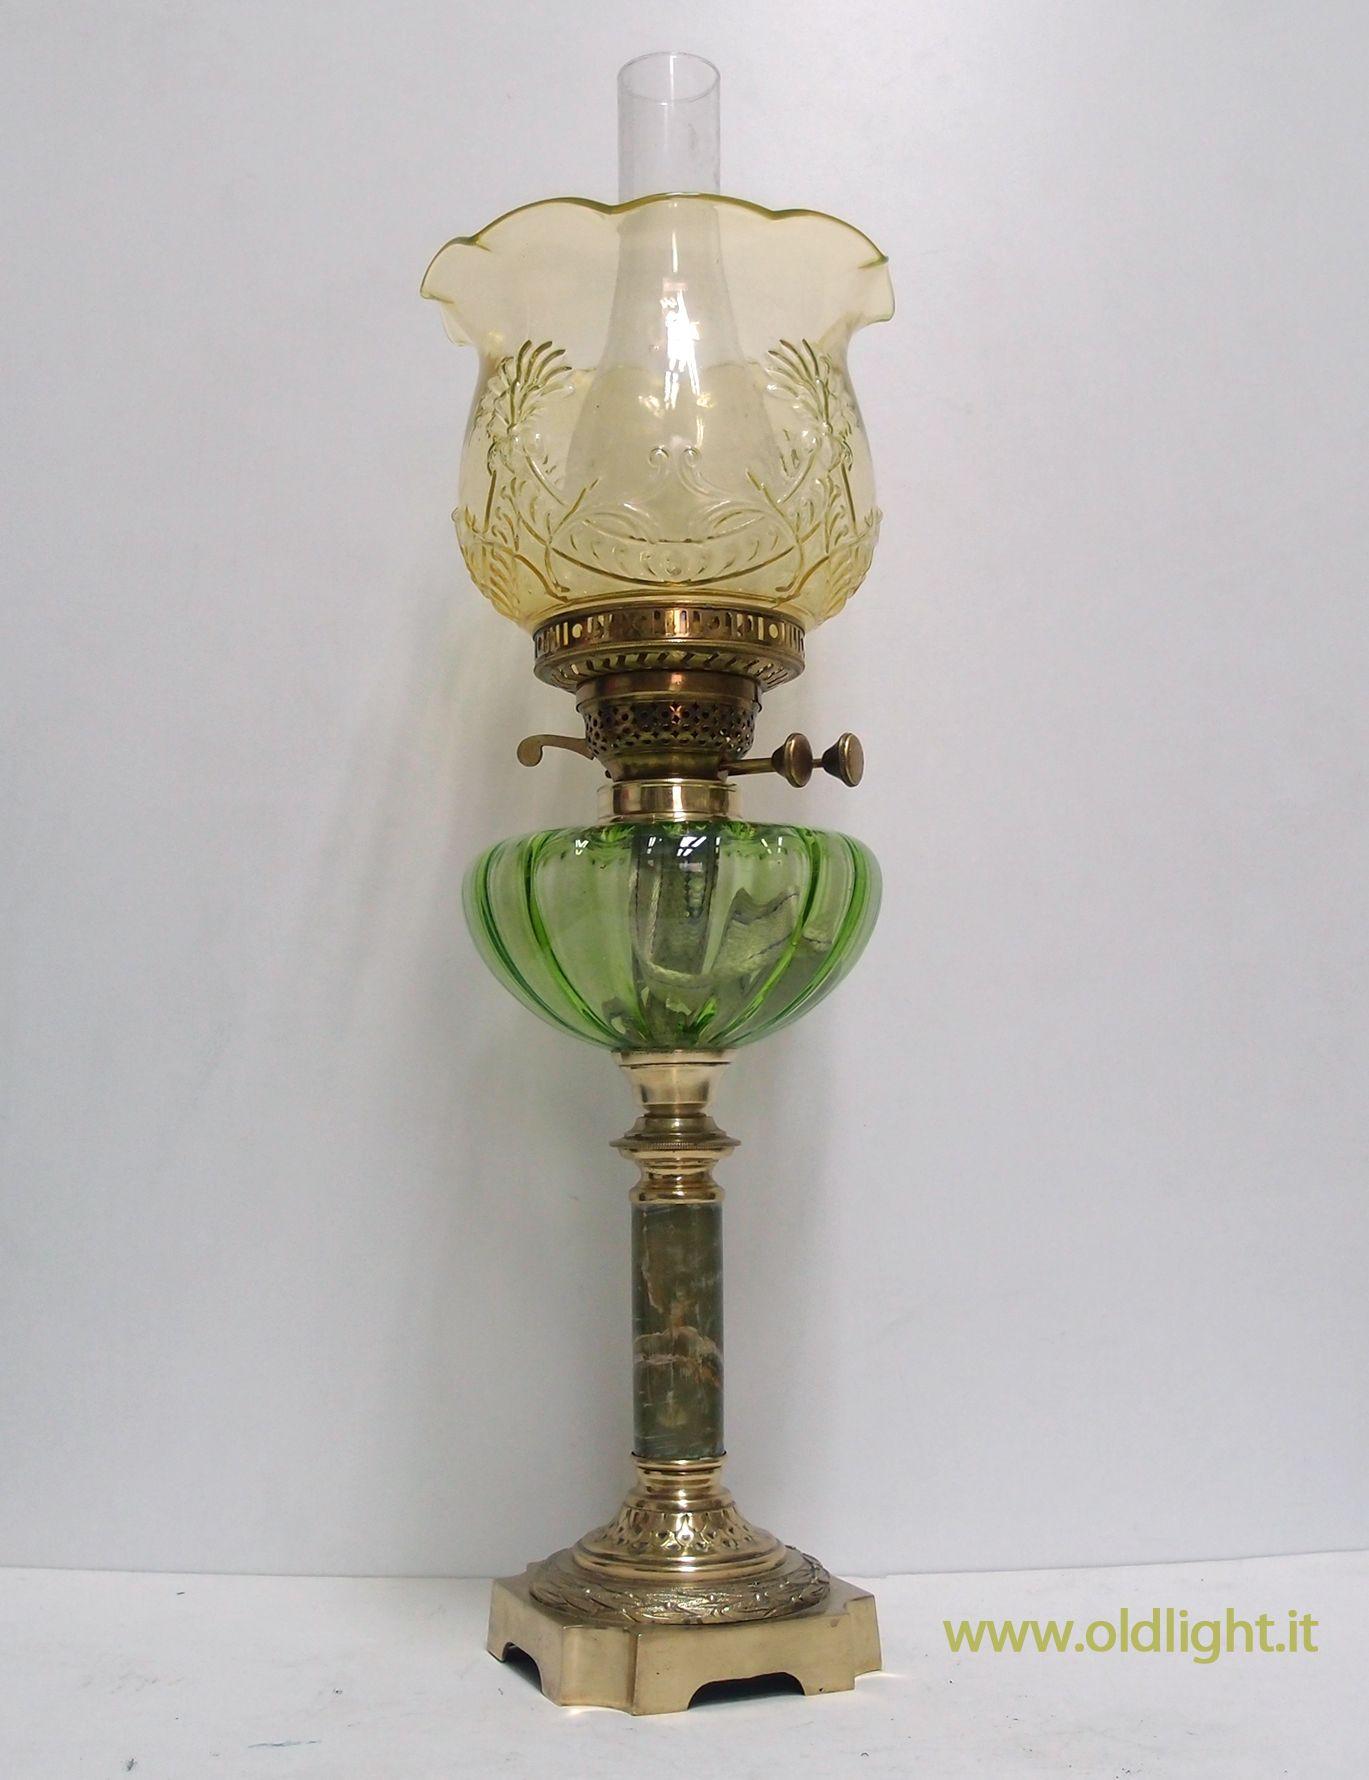 Bellisima lampada da tavolo inglese stile vittoriano in ottone - Cappelli per lampade da tavolo ...